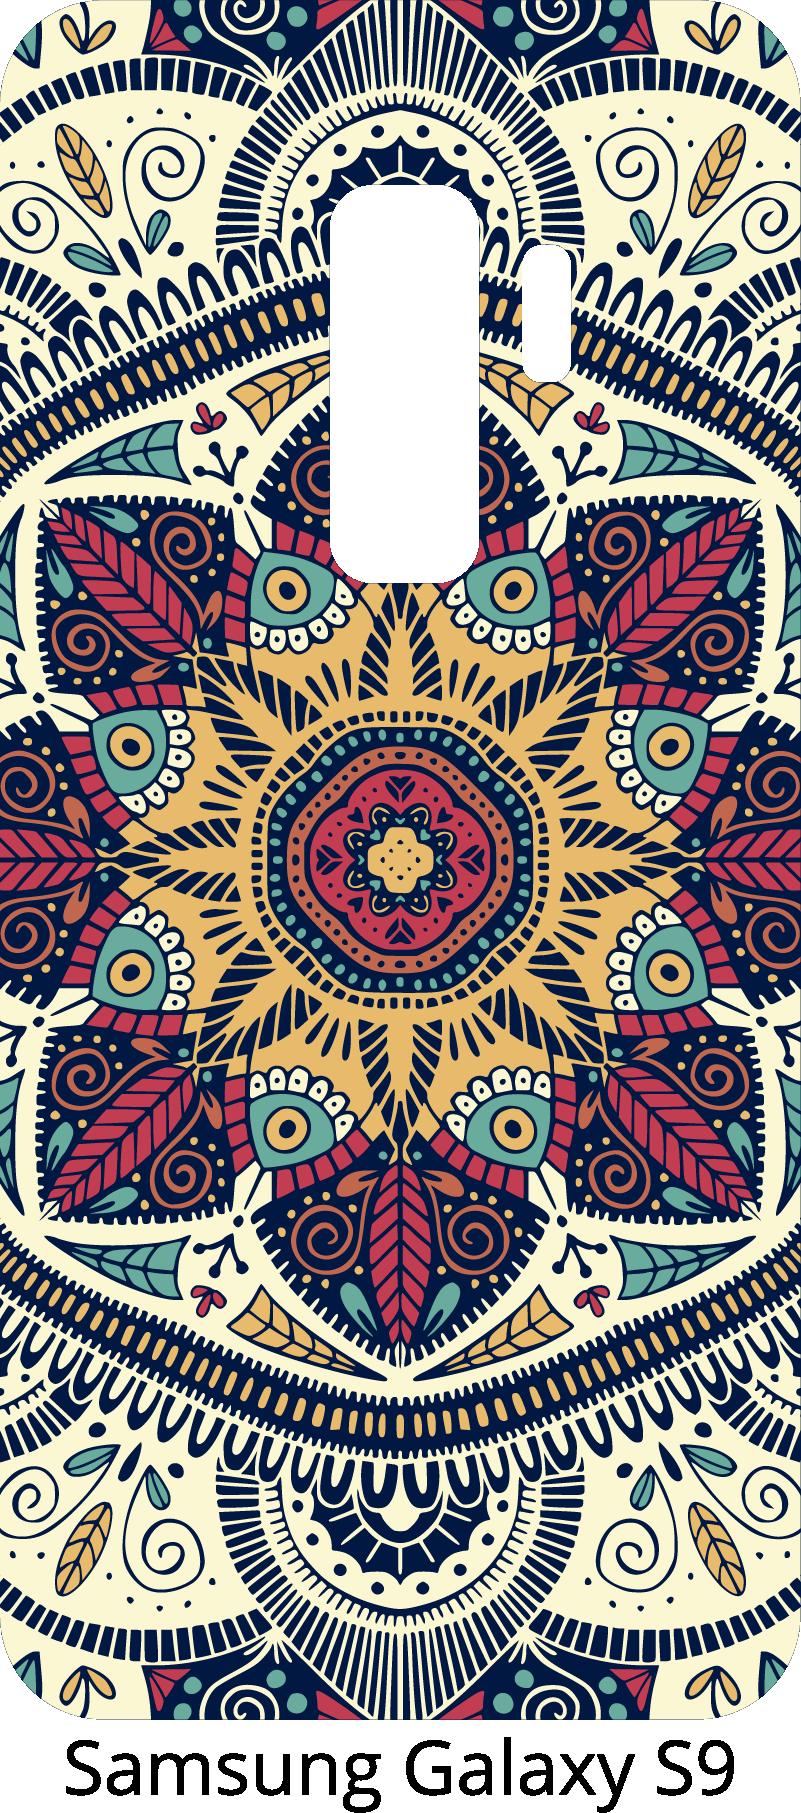 TenStickers. Adesivo com varios desenhos Padrão de mandala. Adesivo de mandala para samsung e para smartphones de outros fabricantes. Surpreenda seus amigos com decalque de telefone mandala original.